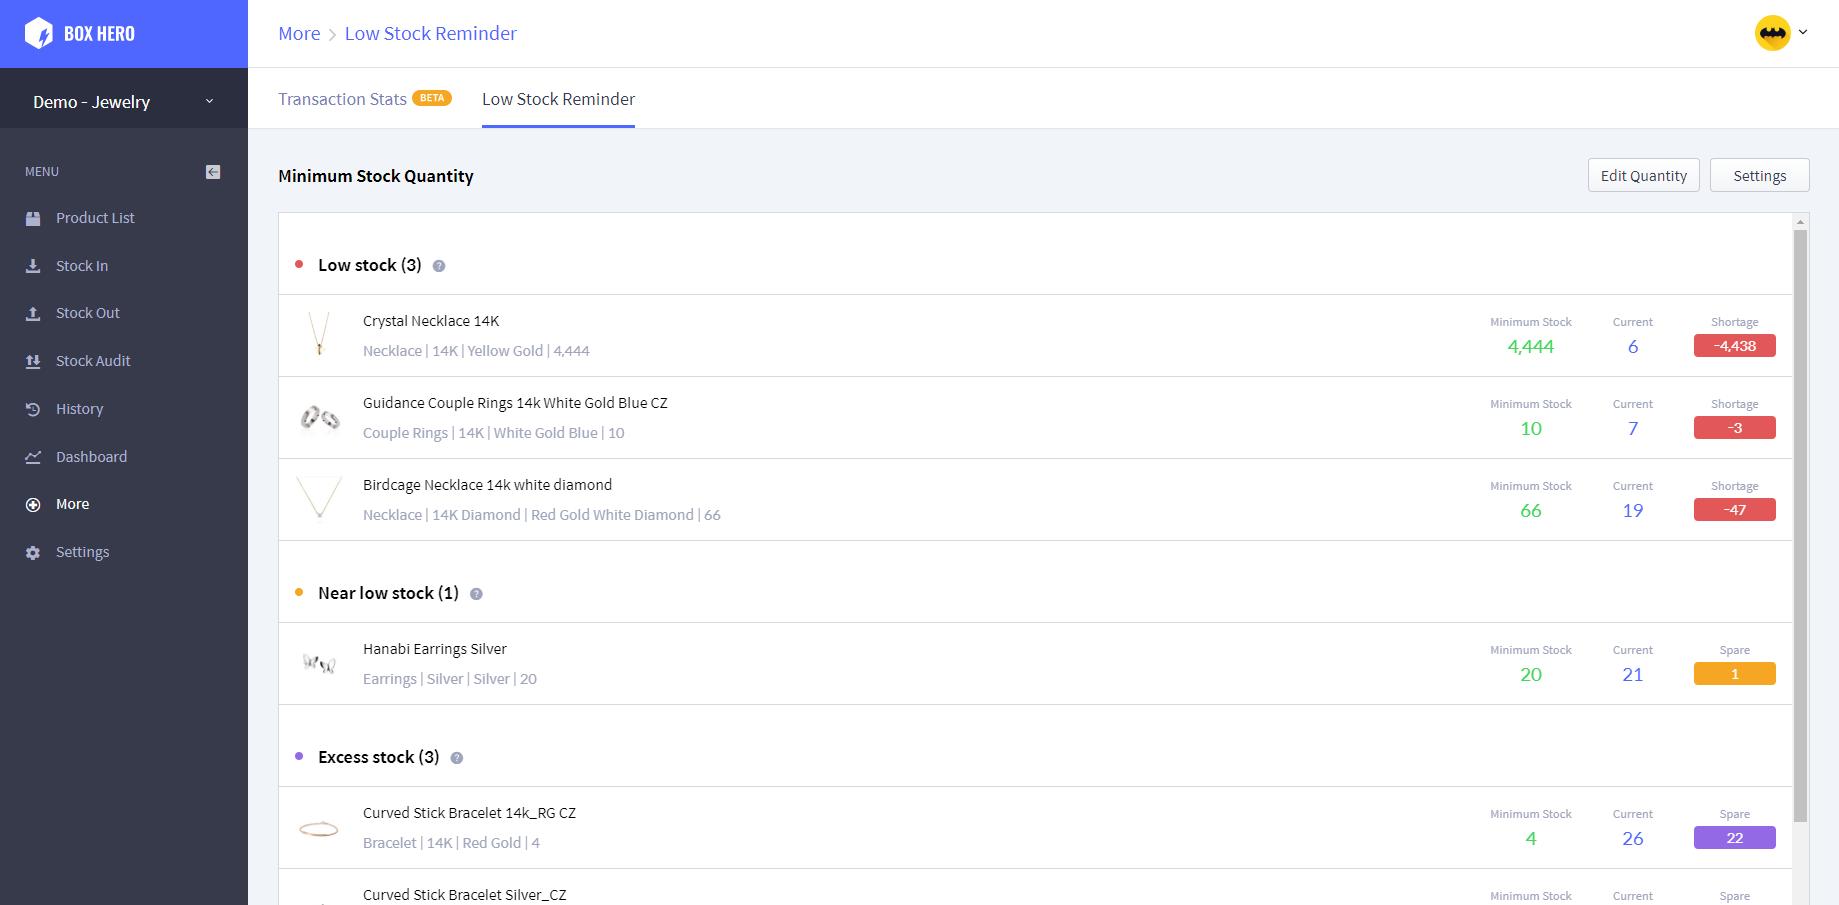 BoxHero low reminder screenshot